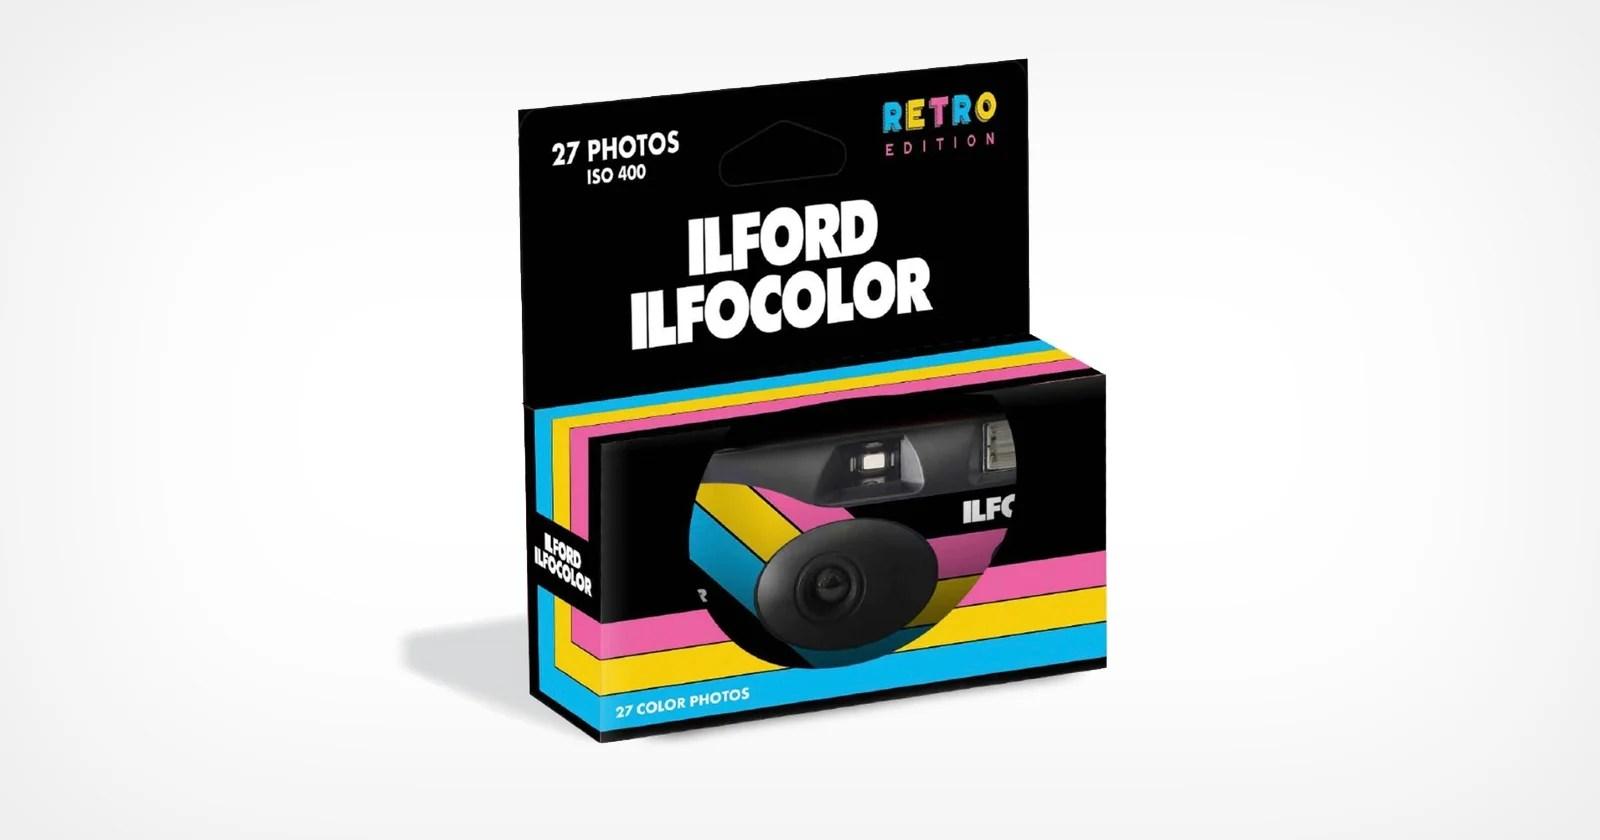 Ilford lancia la fotocamera usa e getta Ilfocolor Rapid Retro Edition